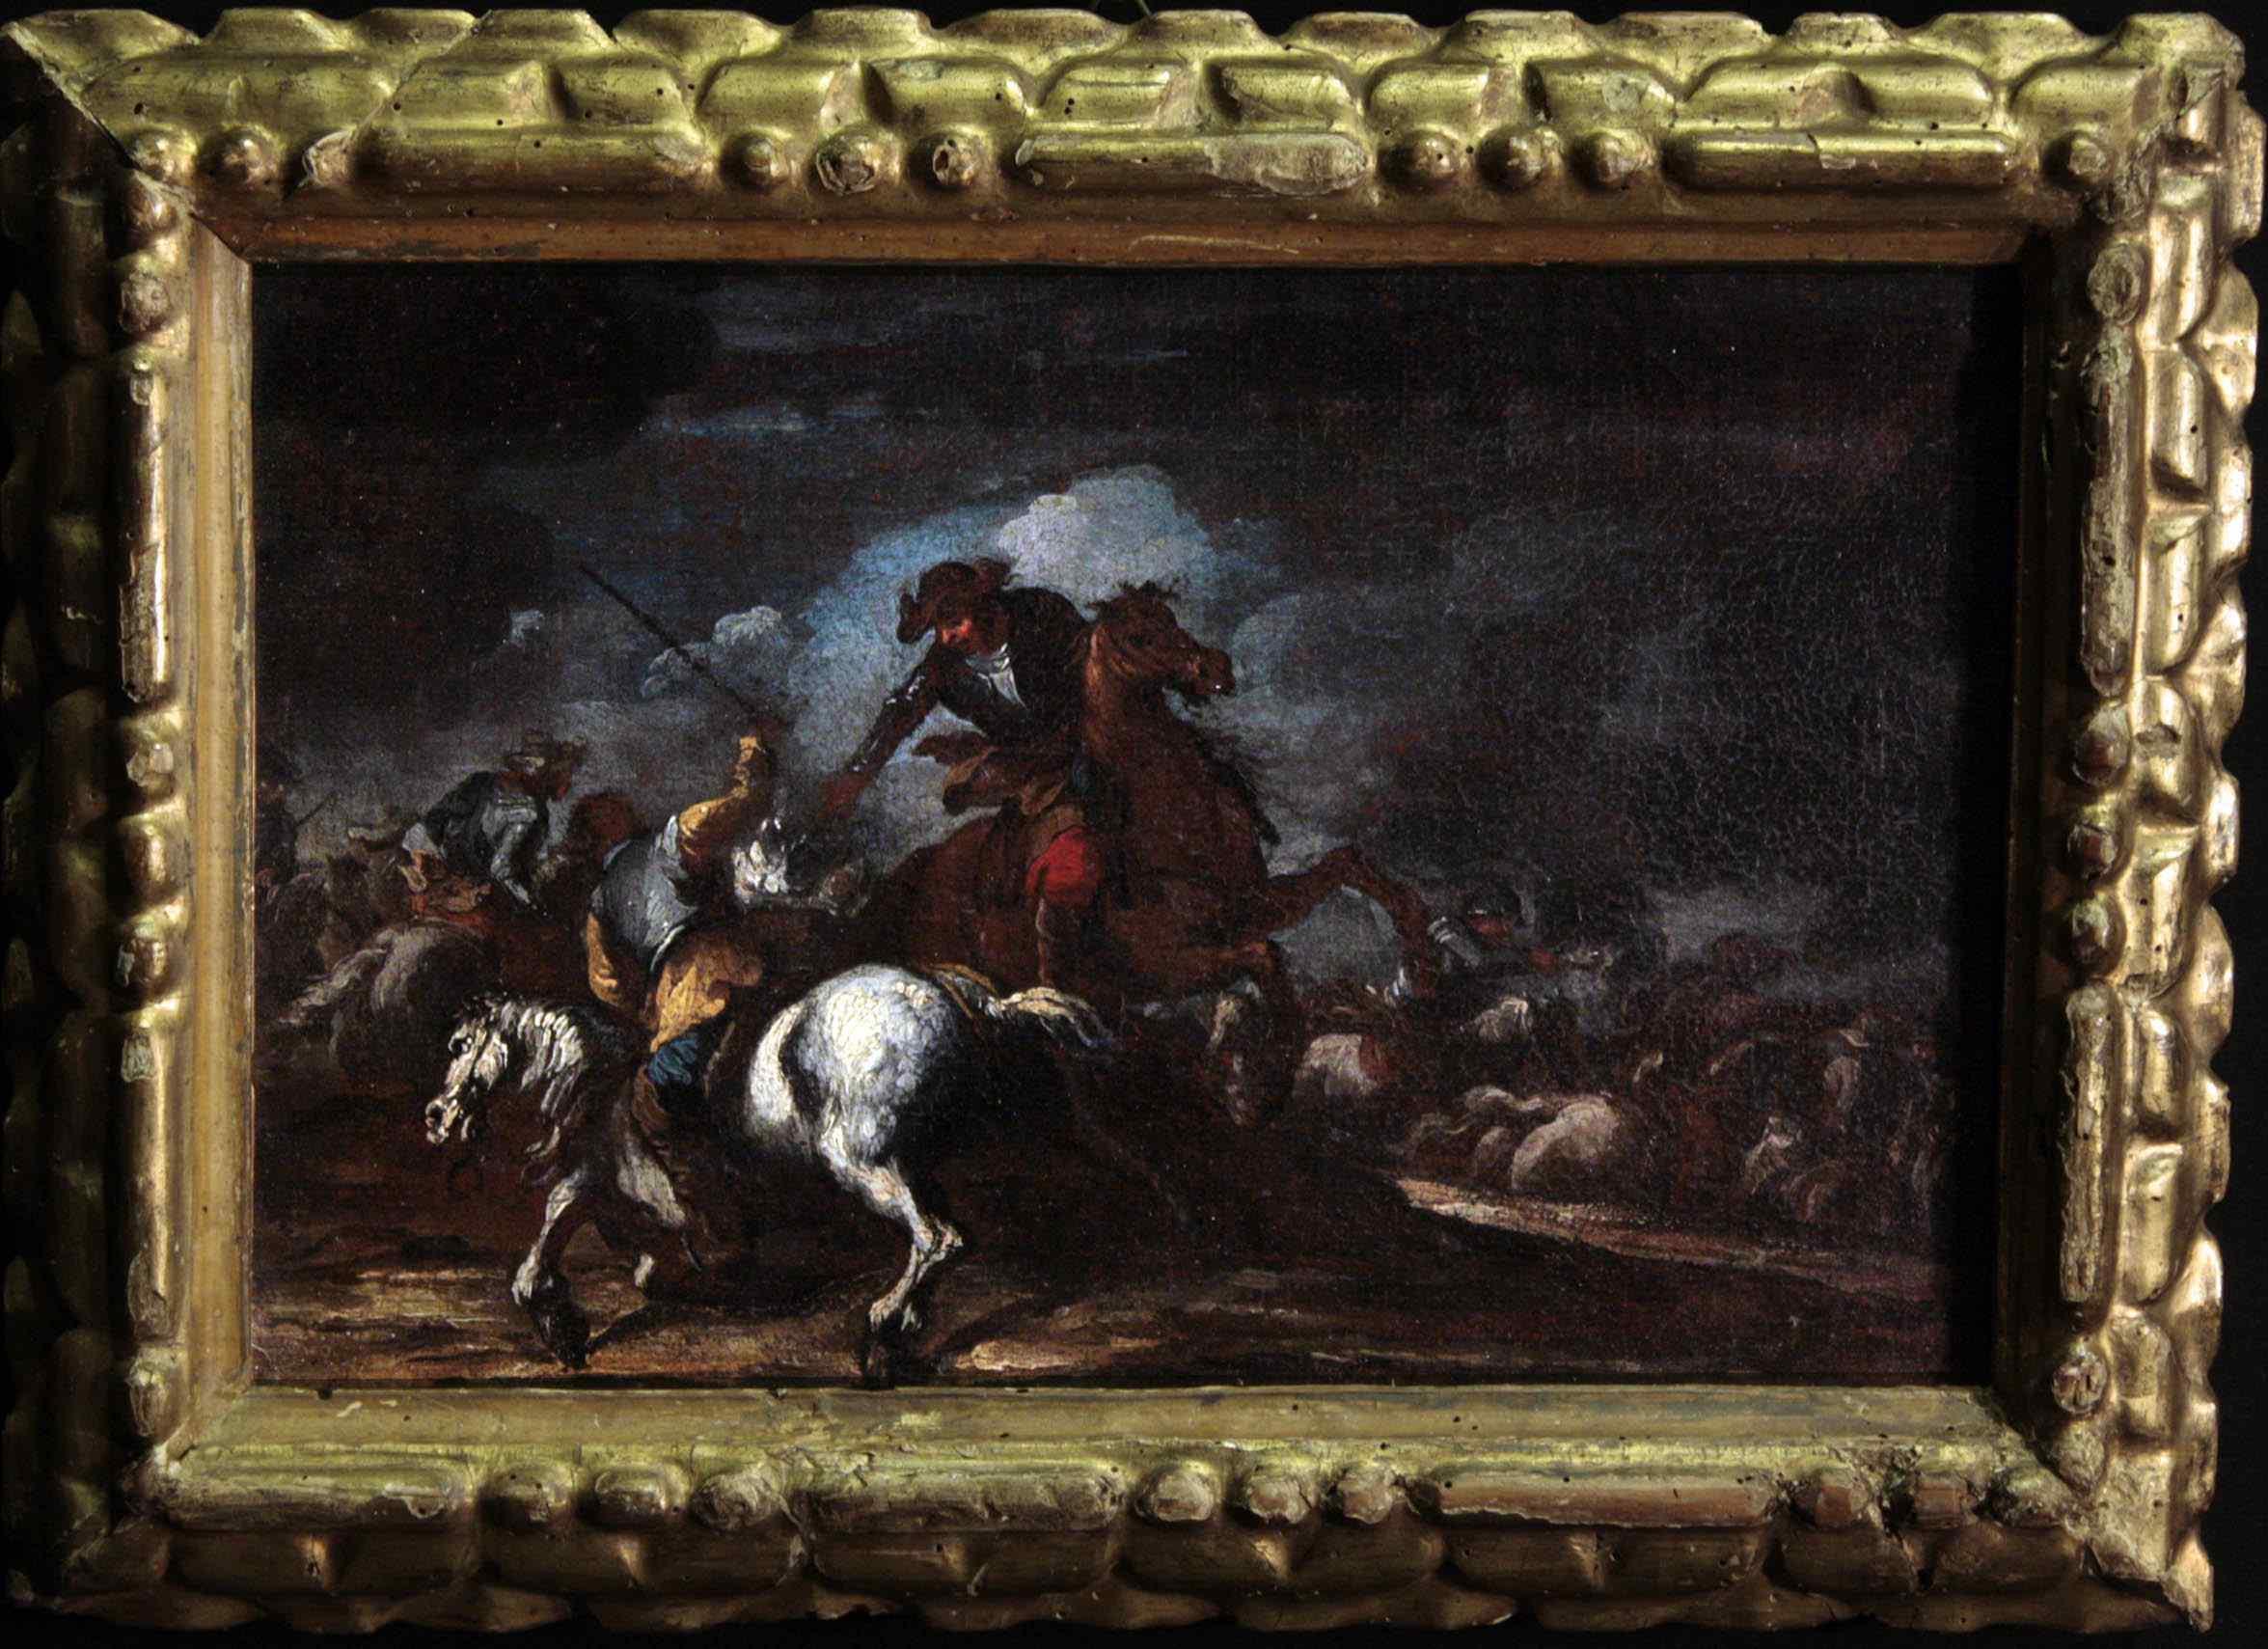 Giuseppe Zais (1709 - 1774) - Scène de bataille